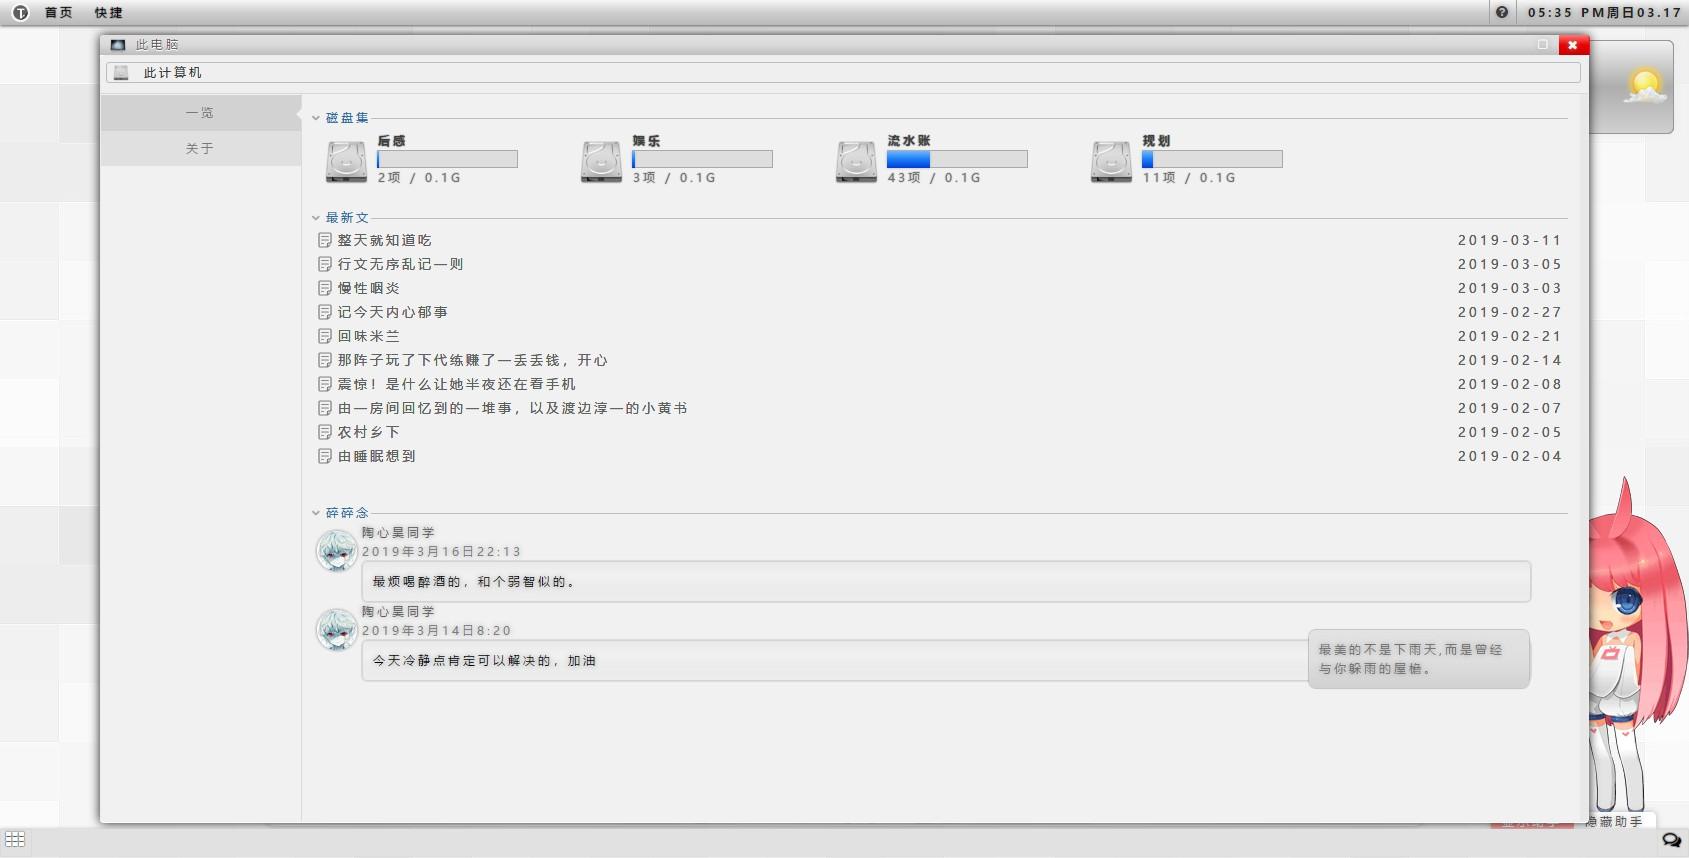 taoxinhao.cn仿MAC系统主题.jpg